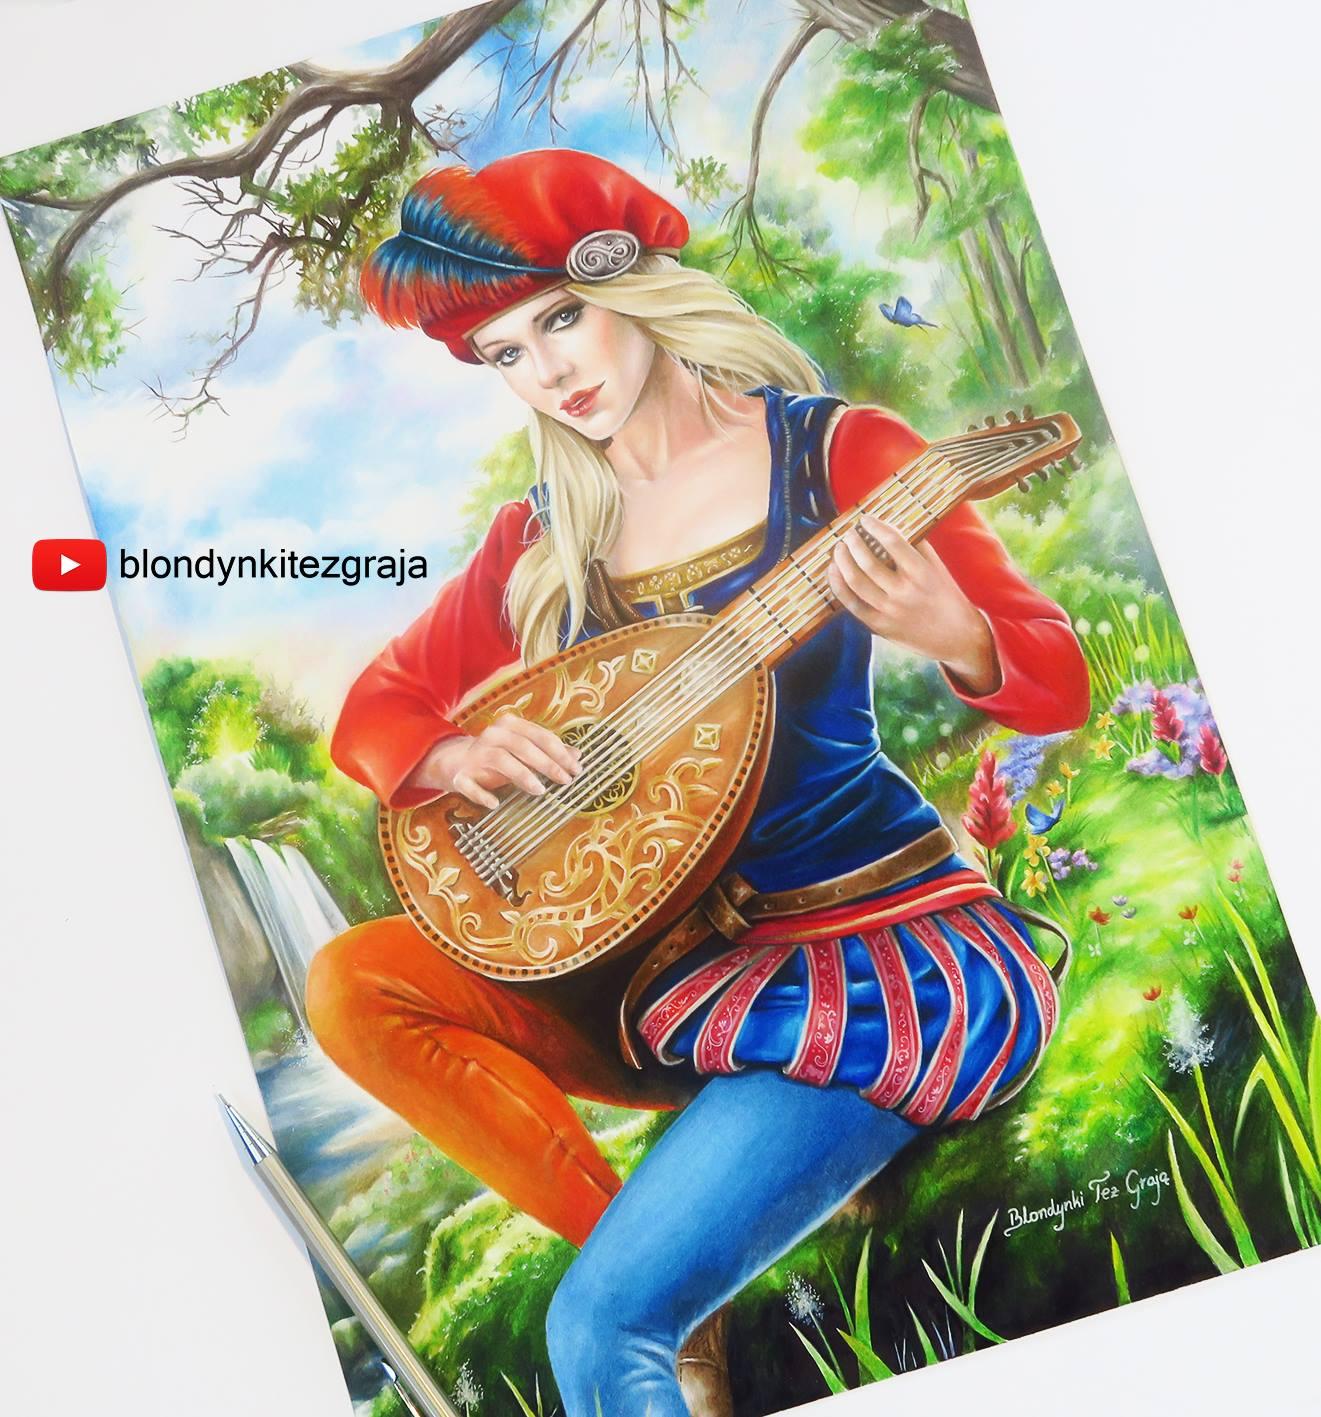 Priscilla drawing by Blondynki Też Grają - Witcher 3 art